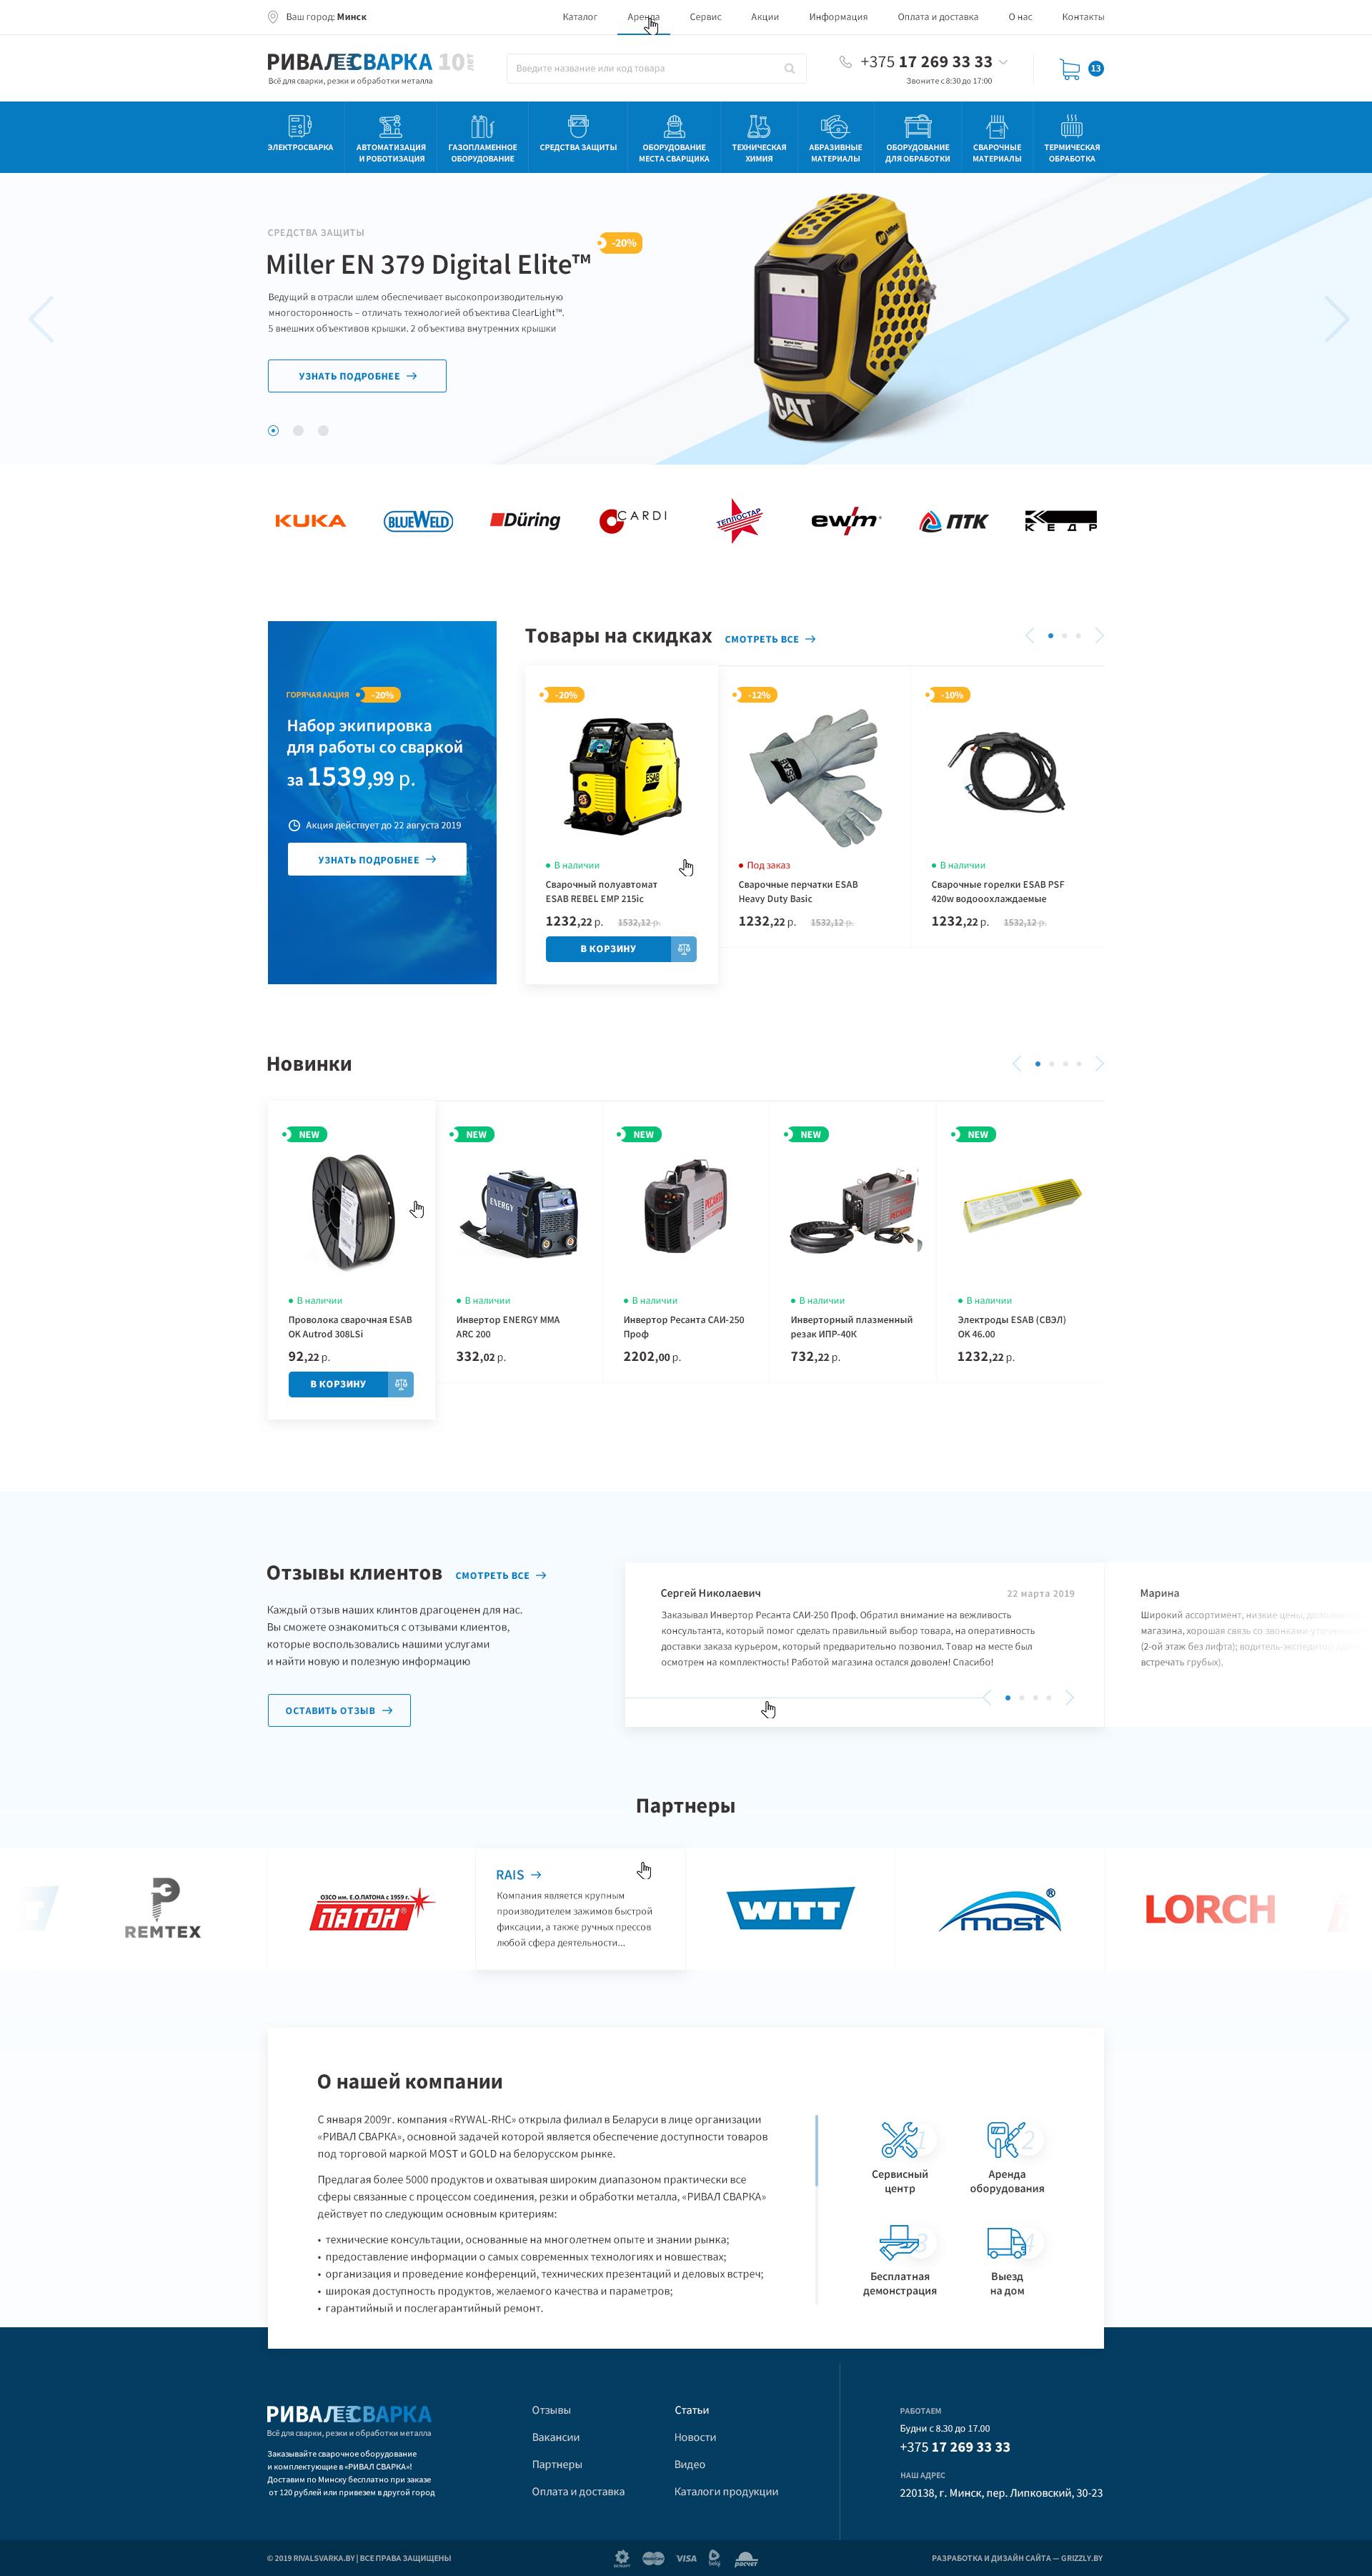 Интернет-магазин / РивалСварка - продажа сварочного оборудования